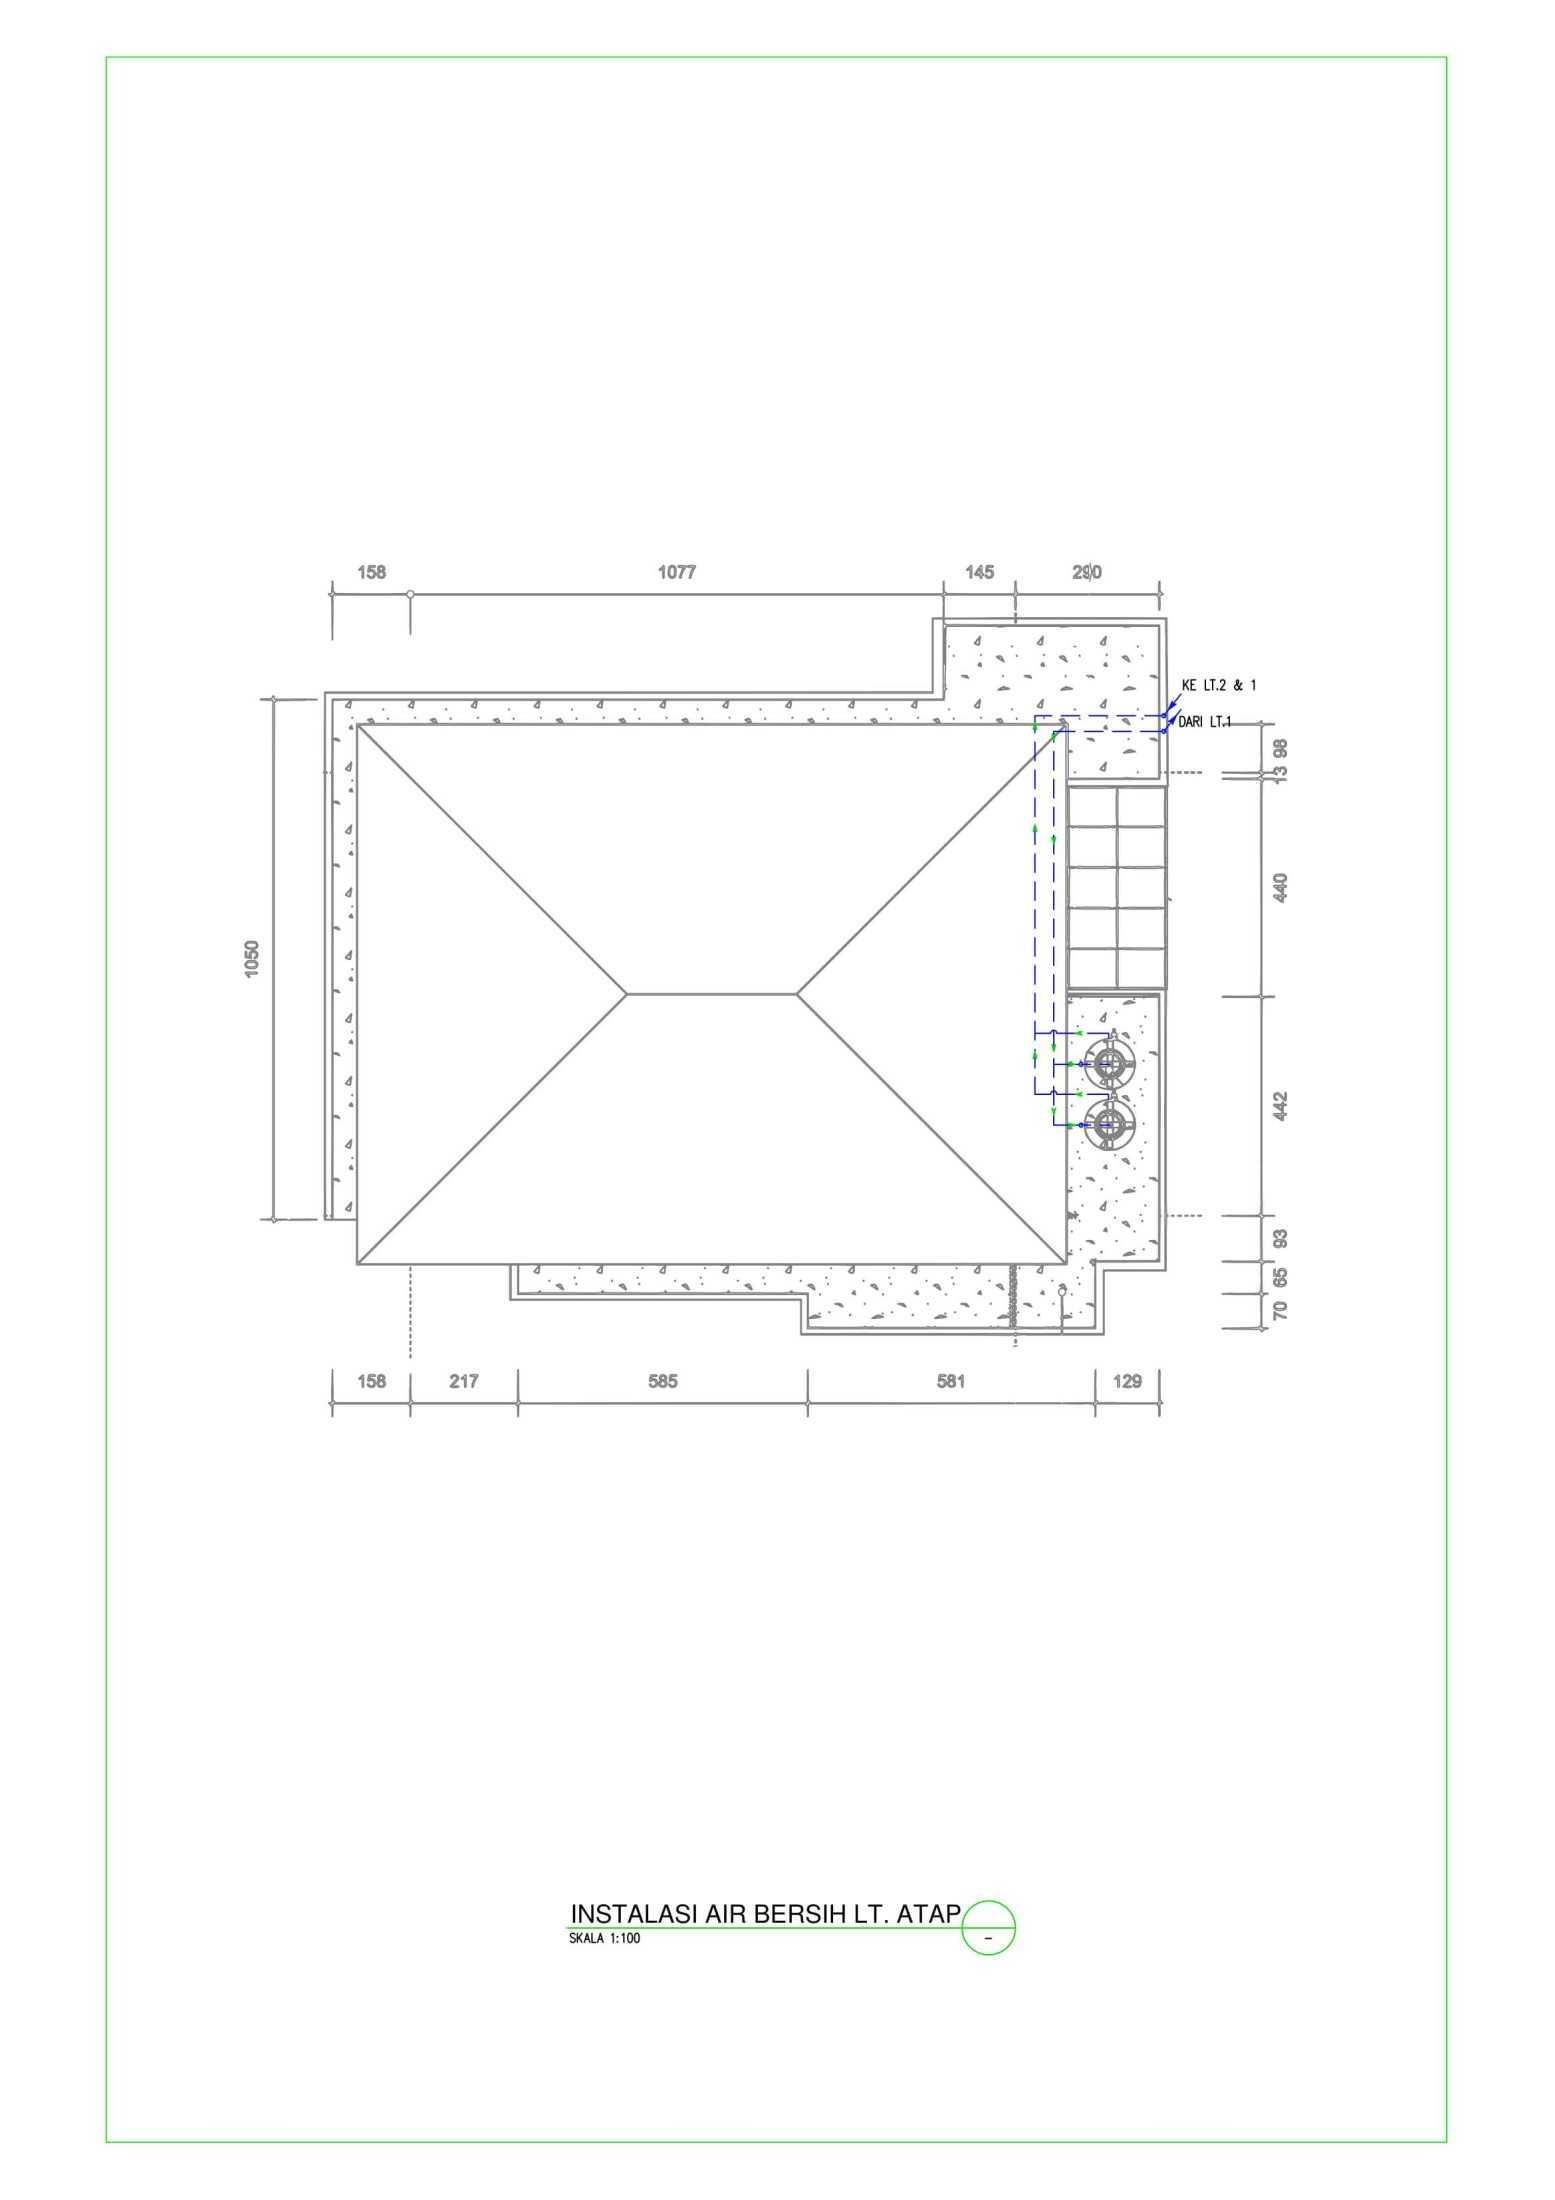 Iyan_Design Rumah Bapak Andi Palembang, Kota Palembang, Sumatera Selatan, Indonesia Palembang, Kota Palembang, Sumatera Selatan, Indonesia Iyandesign-Rumah-Bapak-Andi  93729